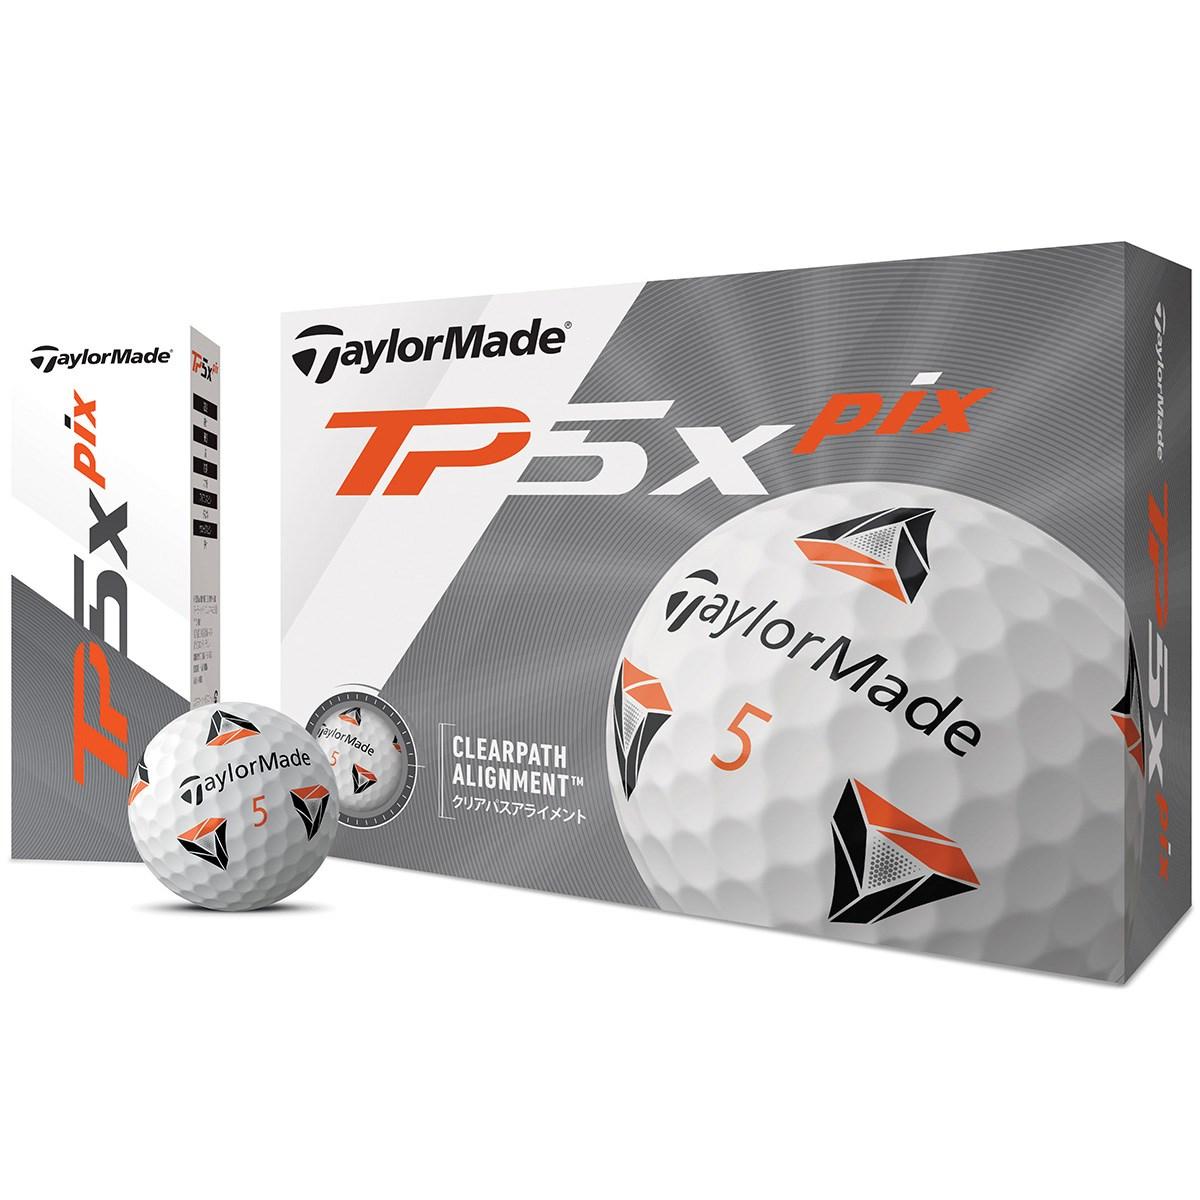 テーラーメイド TP TP5x pix ボール 1ダース(12個入り) ホワイト